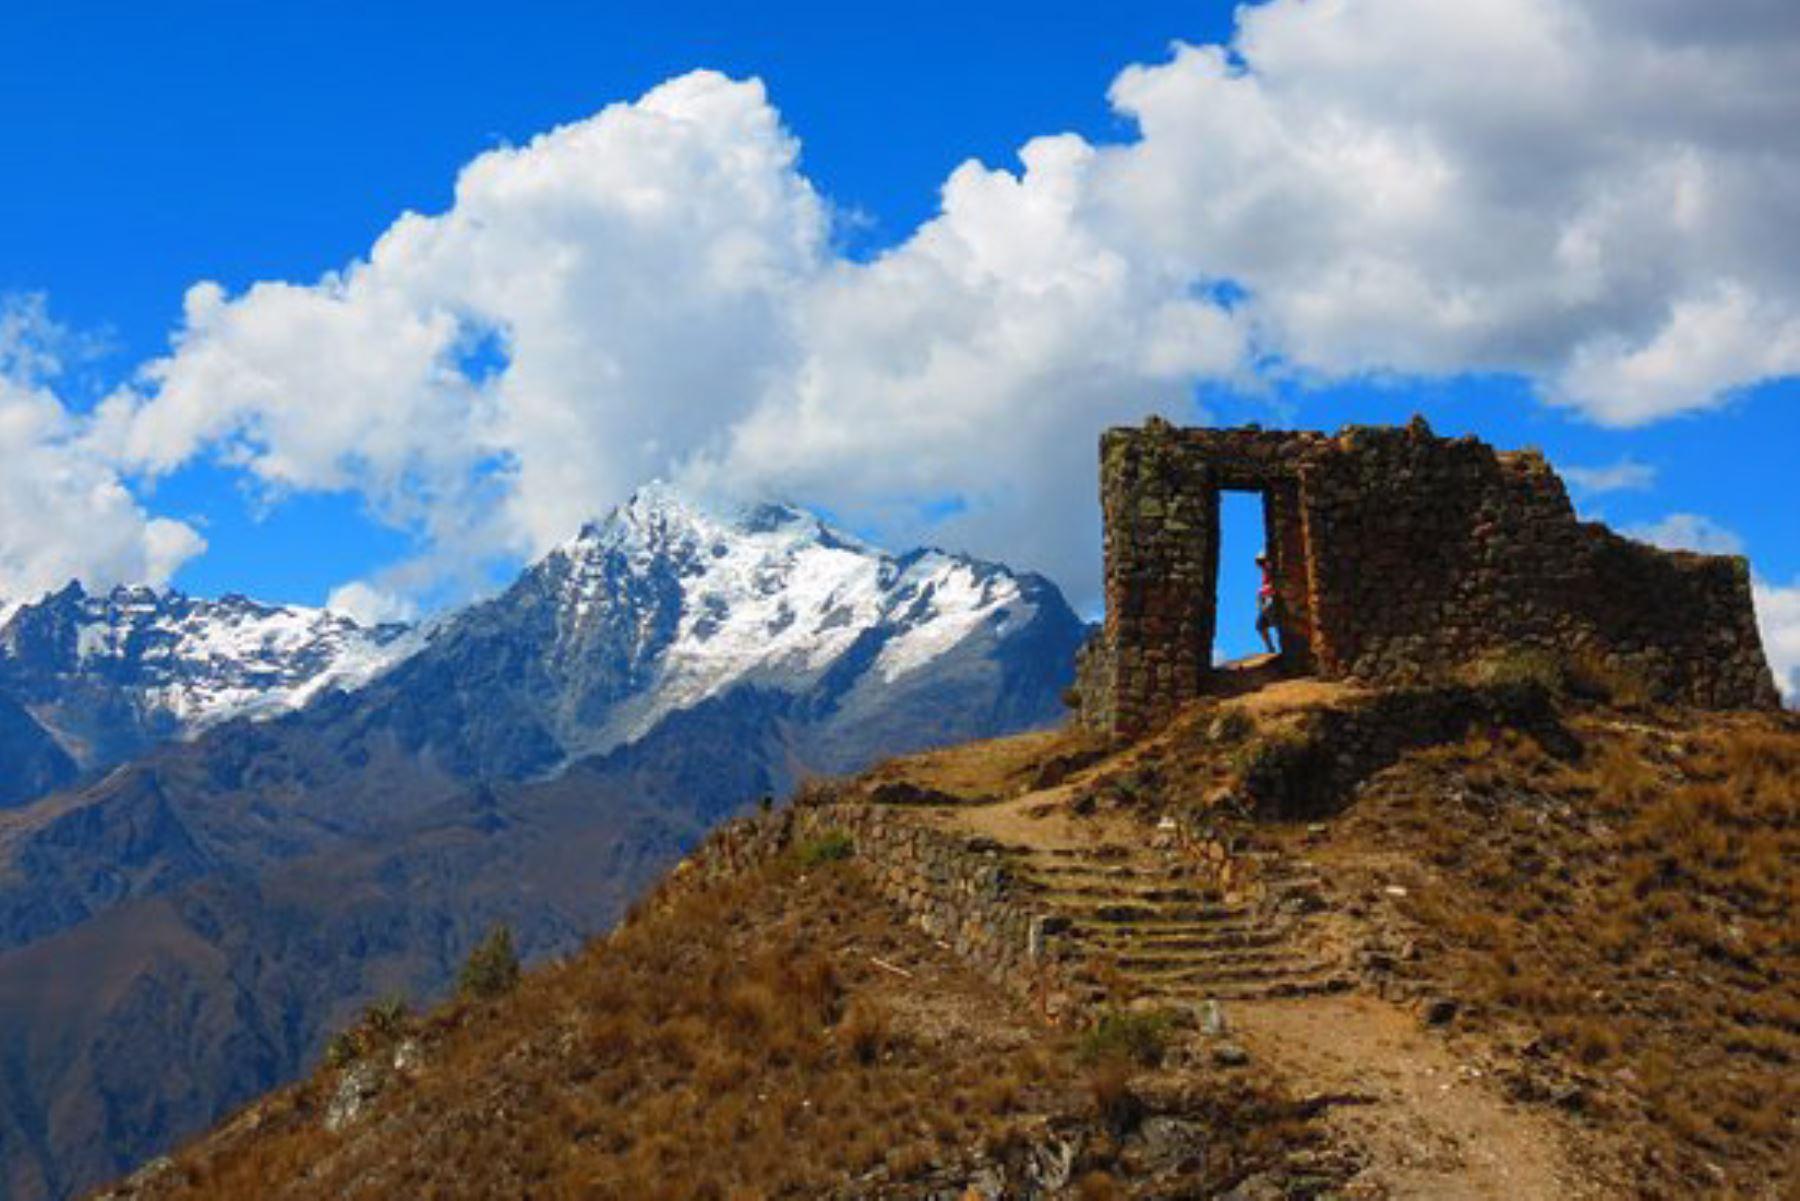 """Inti Punku es el sitio arqueológico inca más próximo a la ciudadela de Machu Picchu, a casi un kilómetro de distancia, y se localiza a 2,720 metros de altitud. Su nombre significa """"Puerta del Sol"""", dado que el astro rey ingresa cada mañana por su puerta de ingreso, y el conjunto arquitectónico está rodeado de andenes. INTERNET/Medios"""